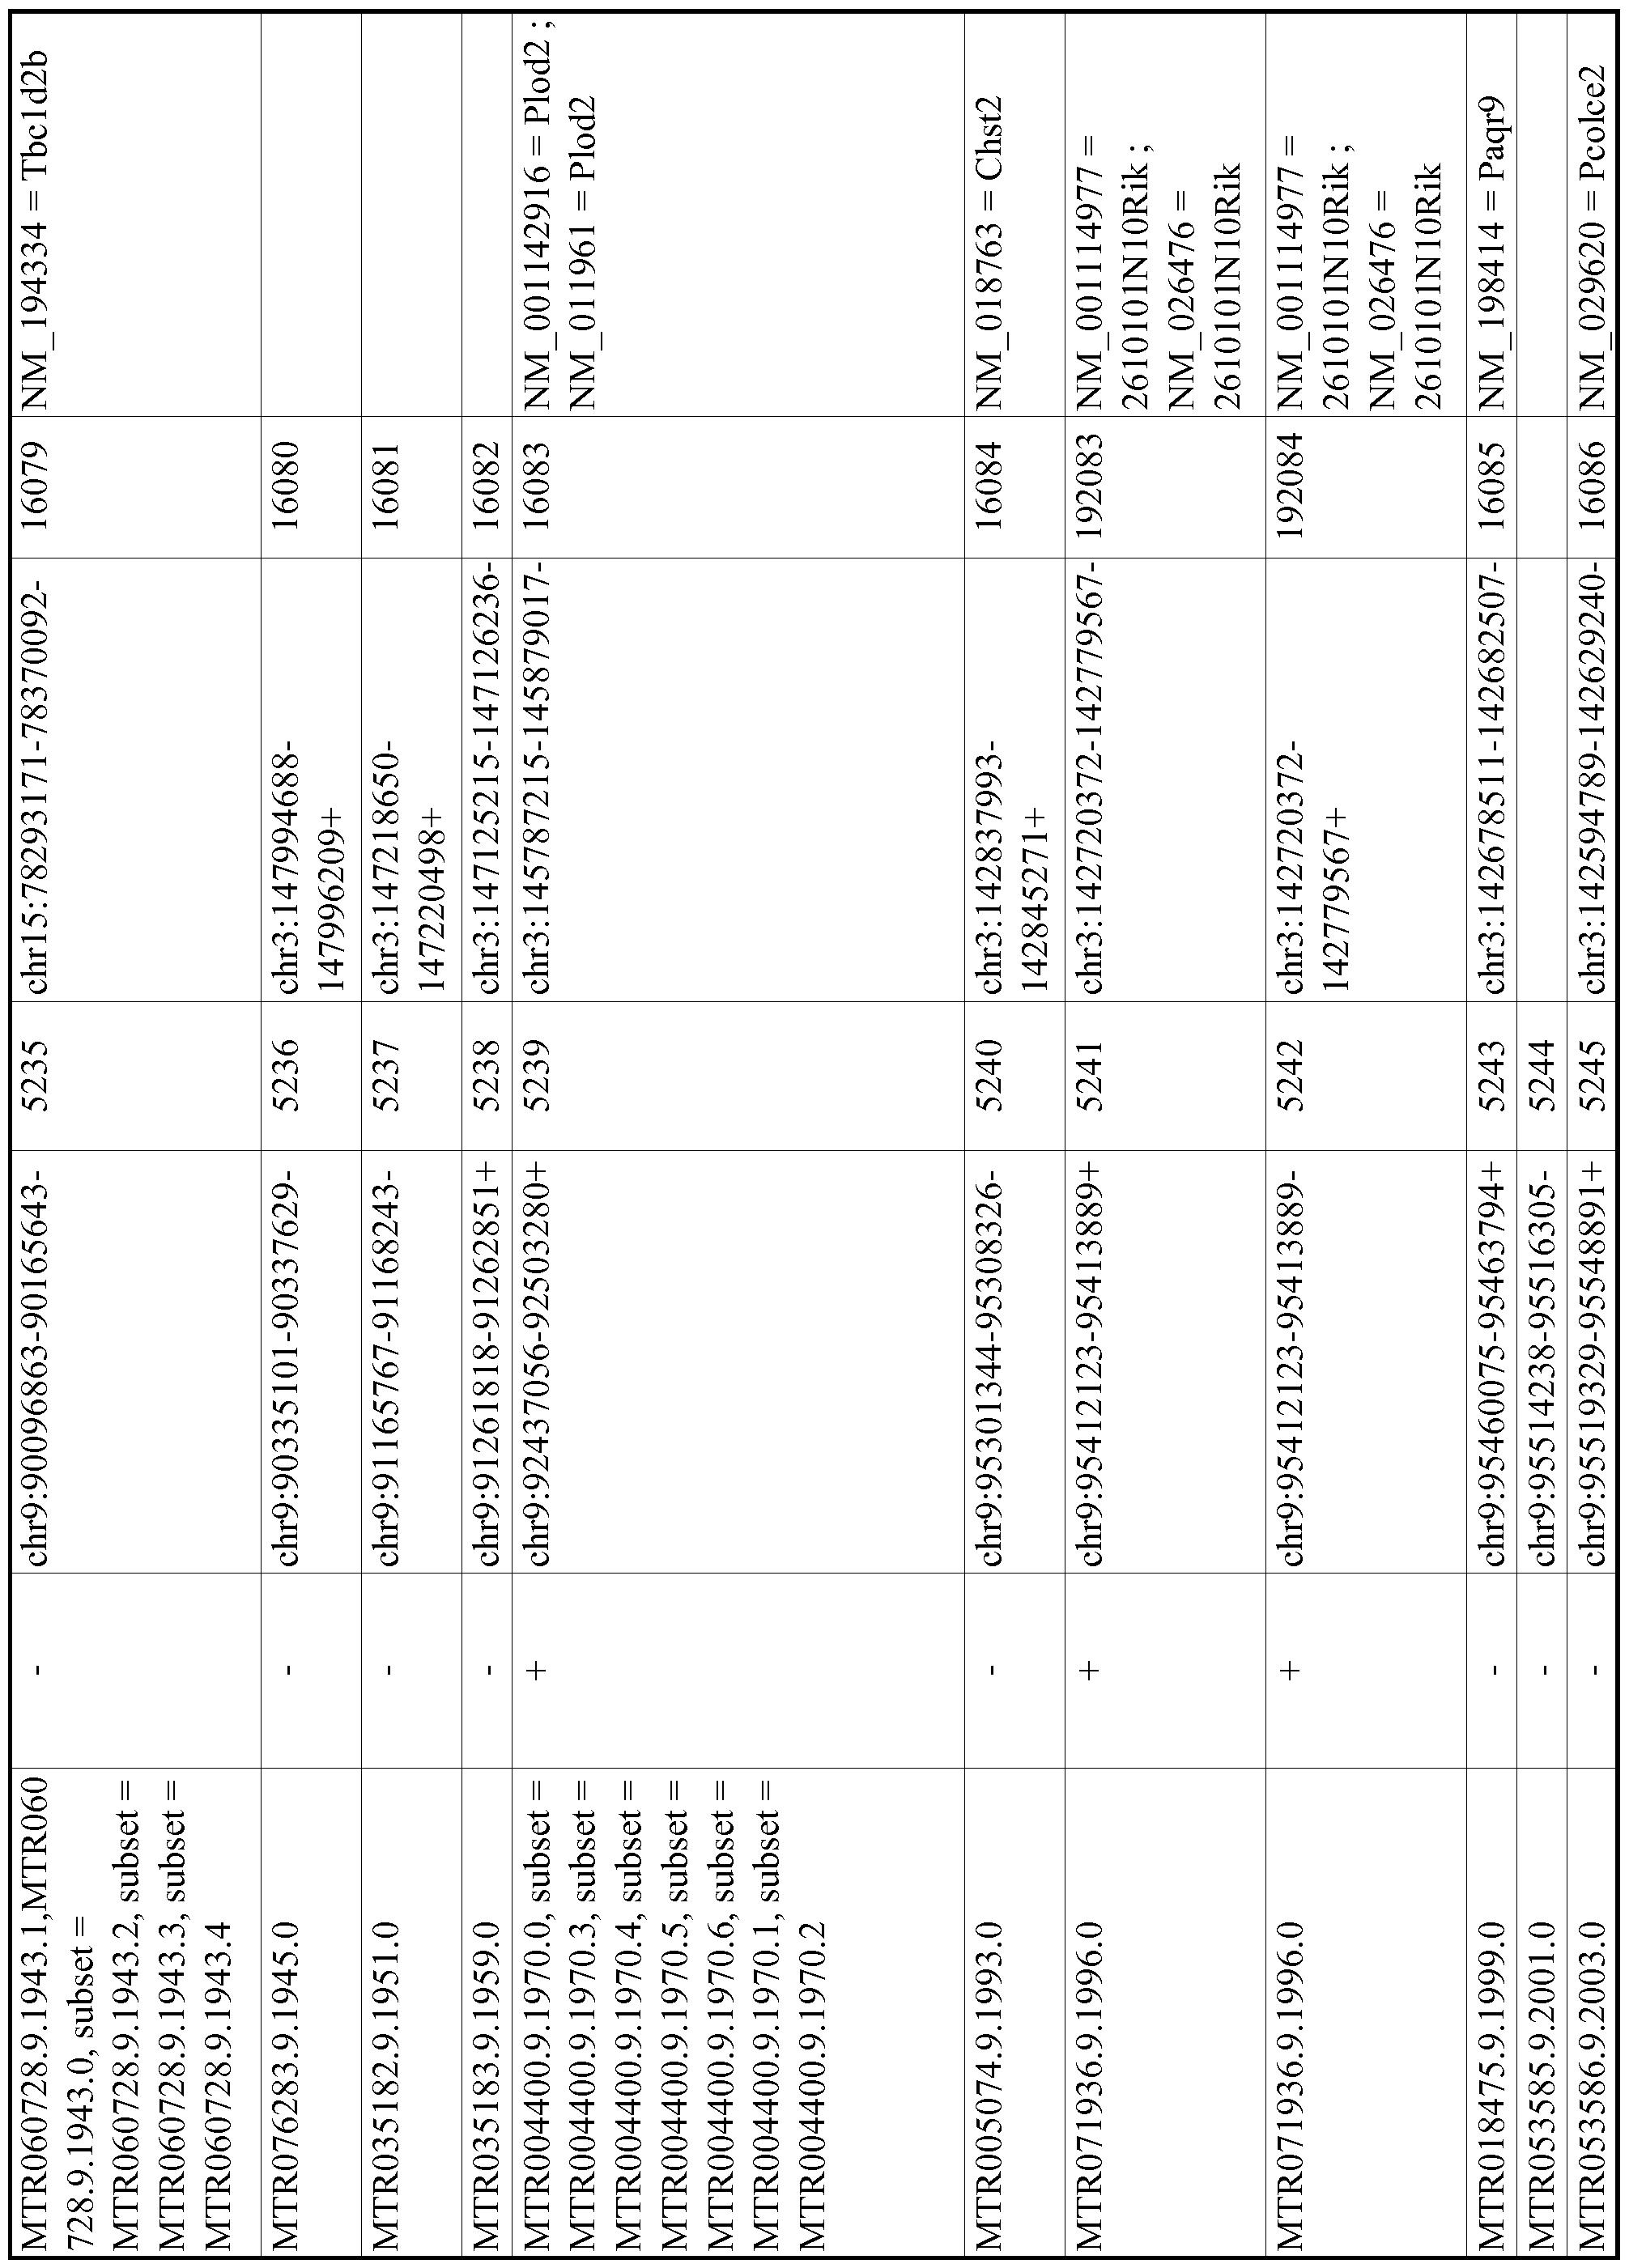 Figure imgf000949_0001